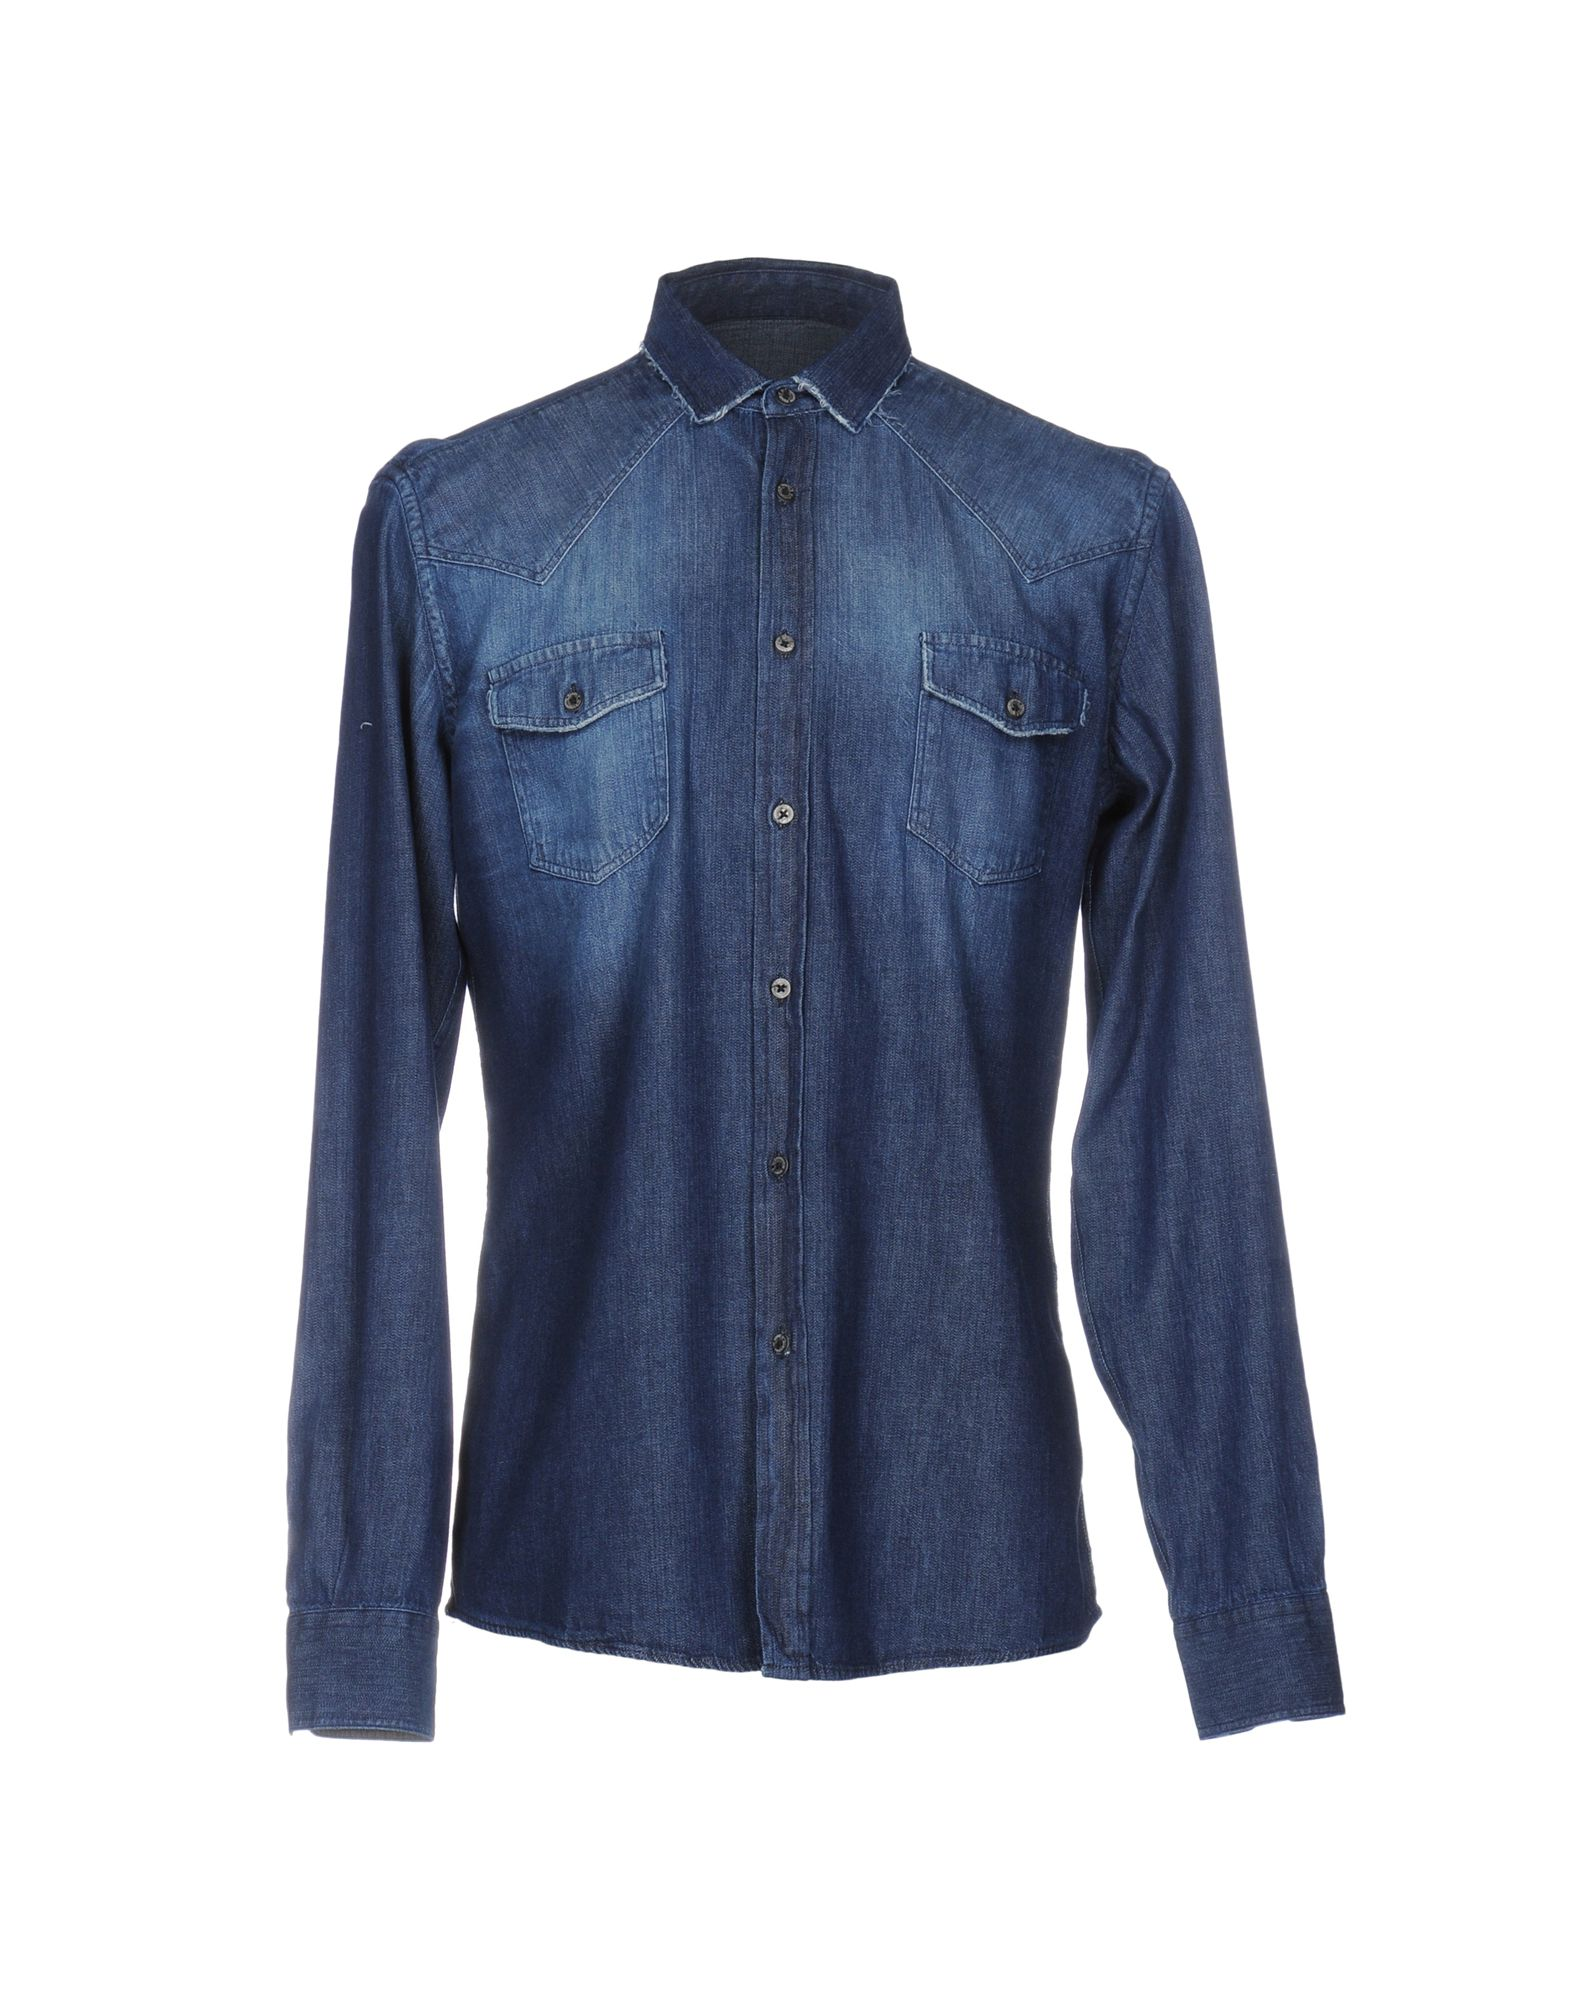 GREY DANIELE ALESSANDRINI Джинсовая рубашка daniele alessandrini homme джинсовая рубашка